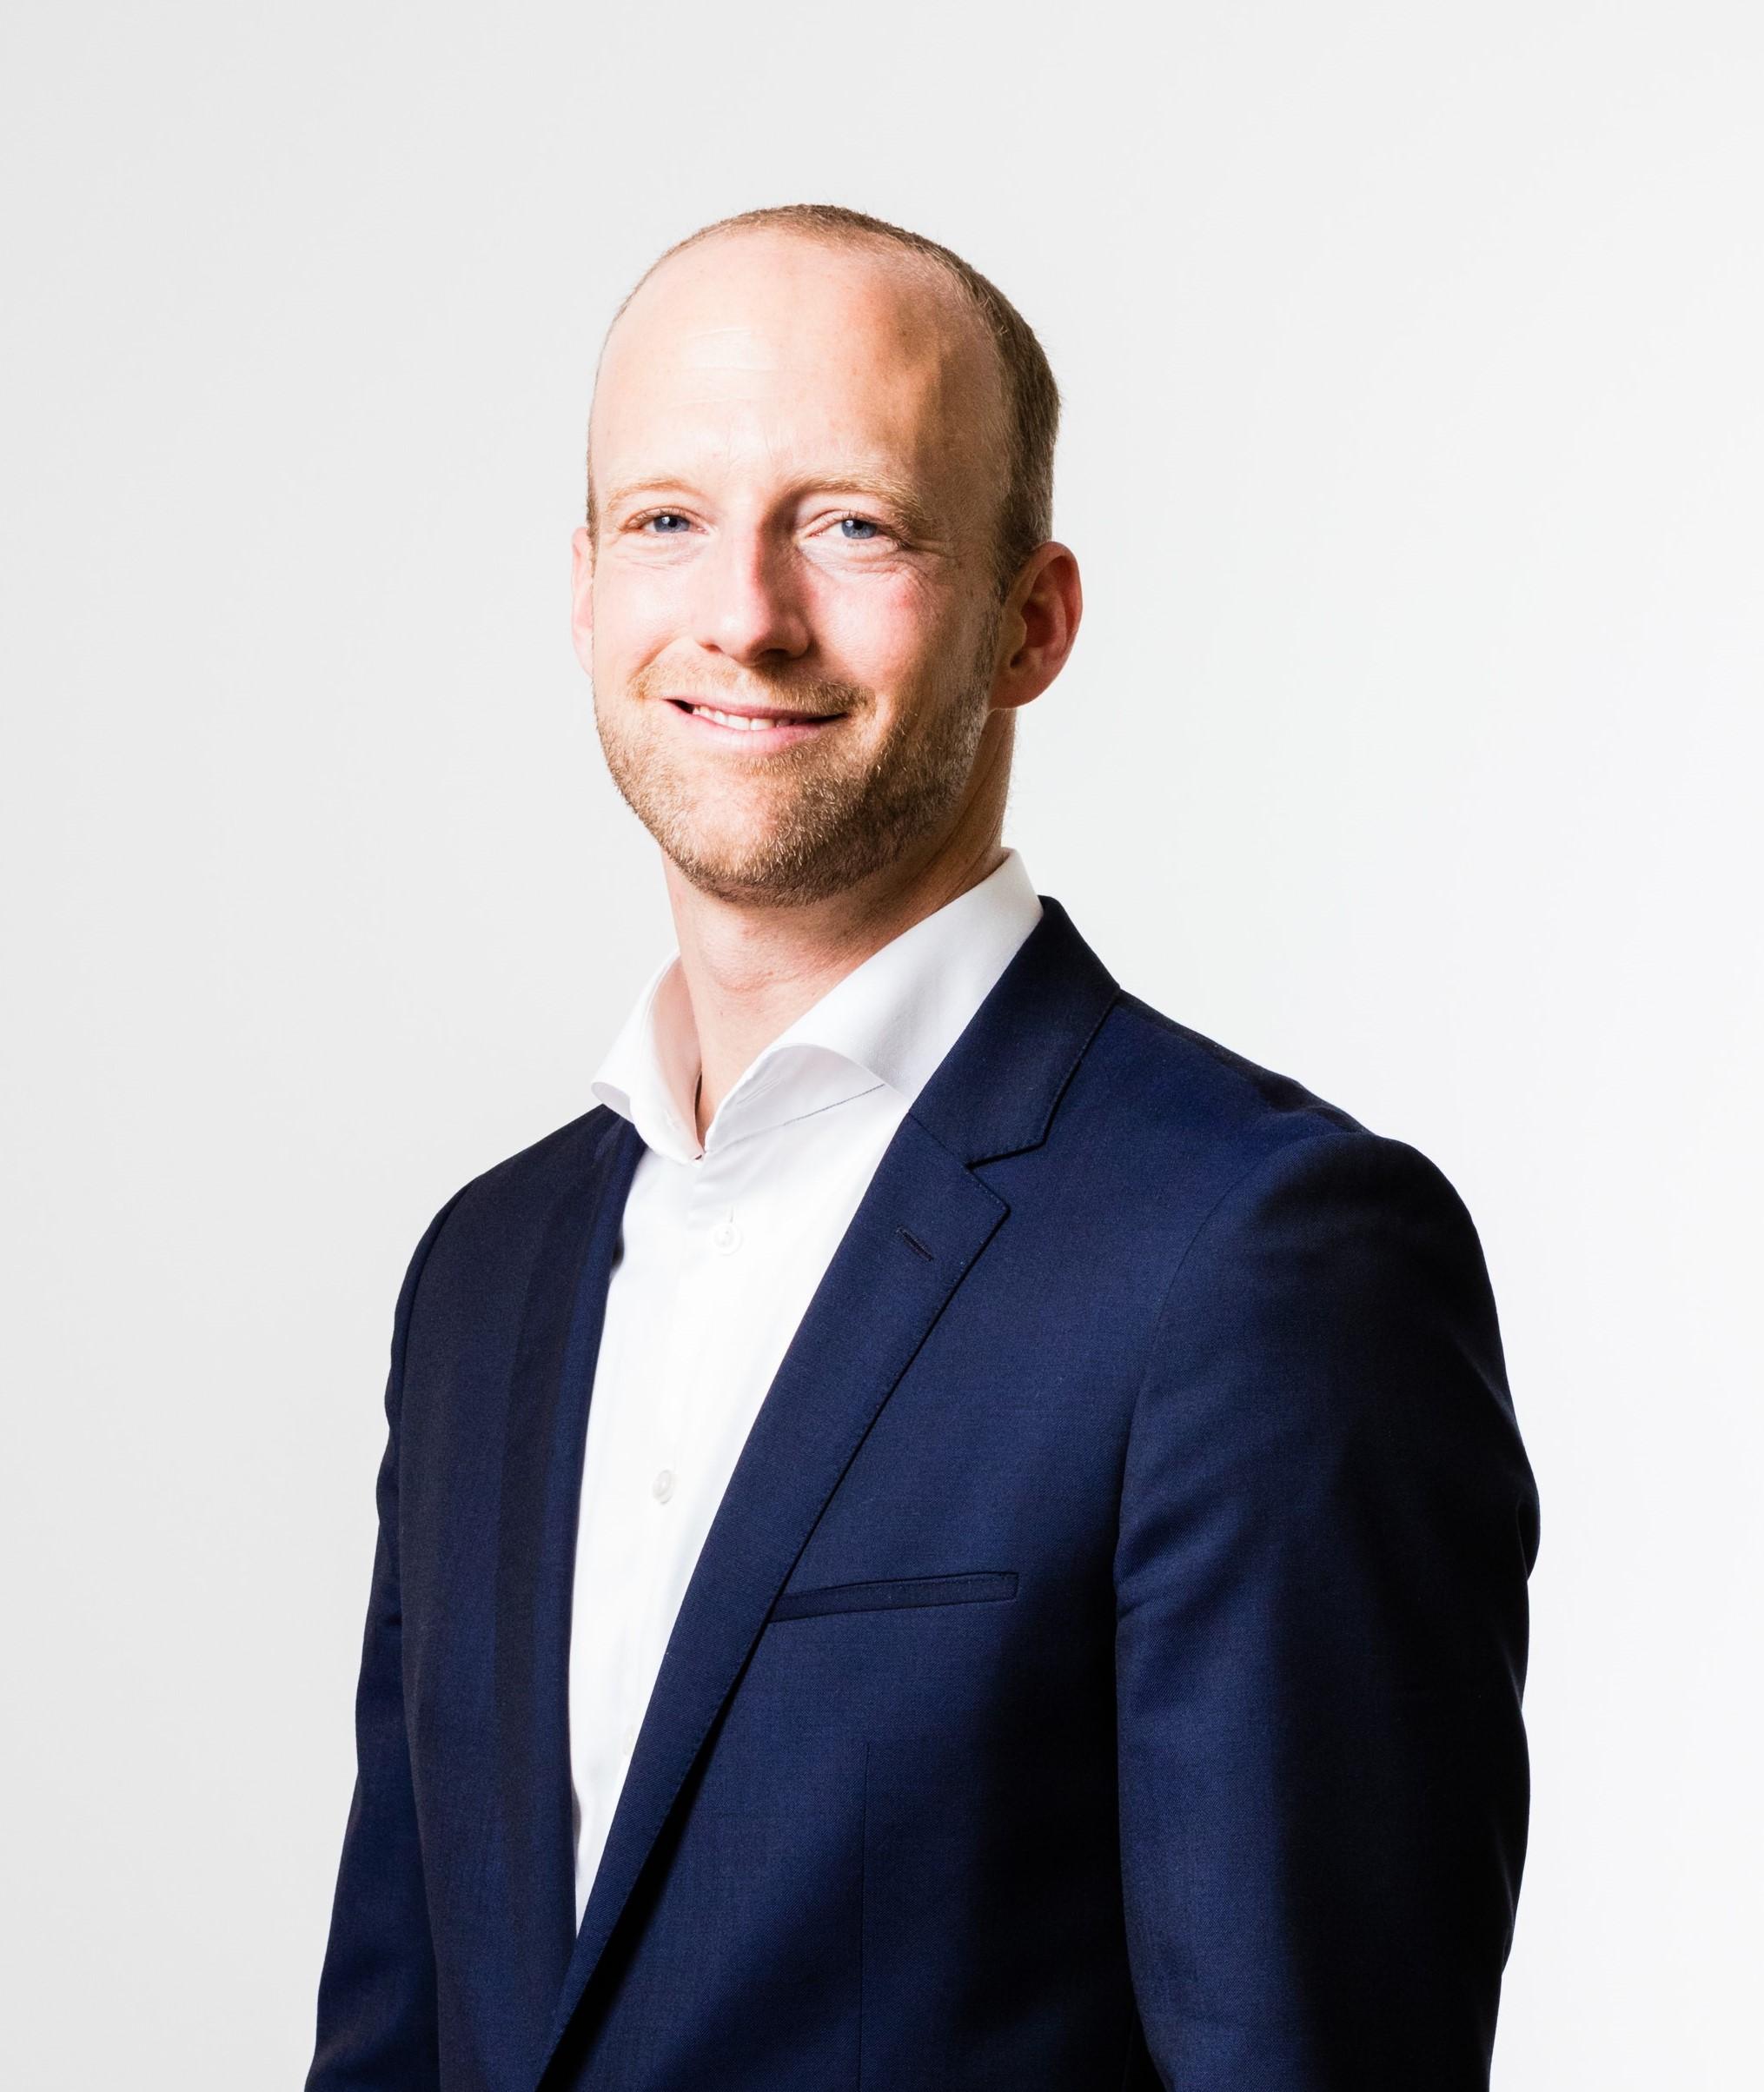 """Interview mit Felix Hirschburger zum Thema """"Lösungsfokussierte Führung"""""""